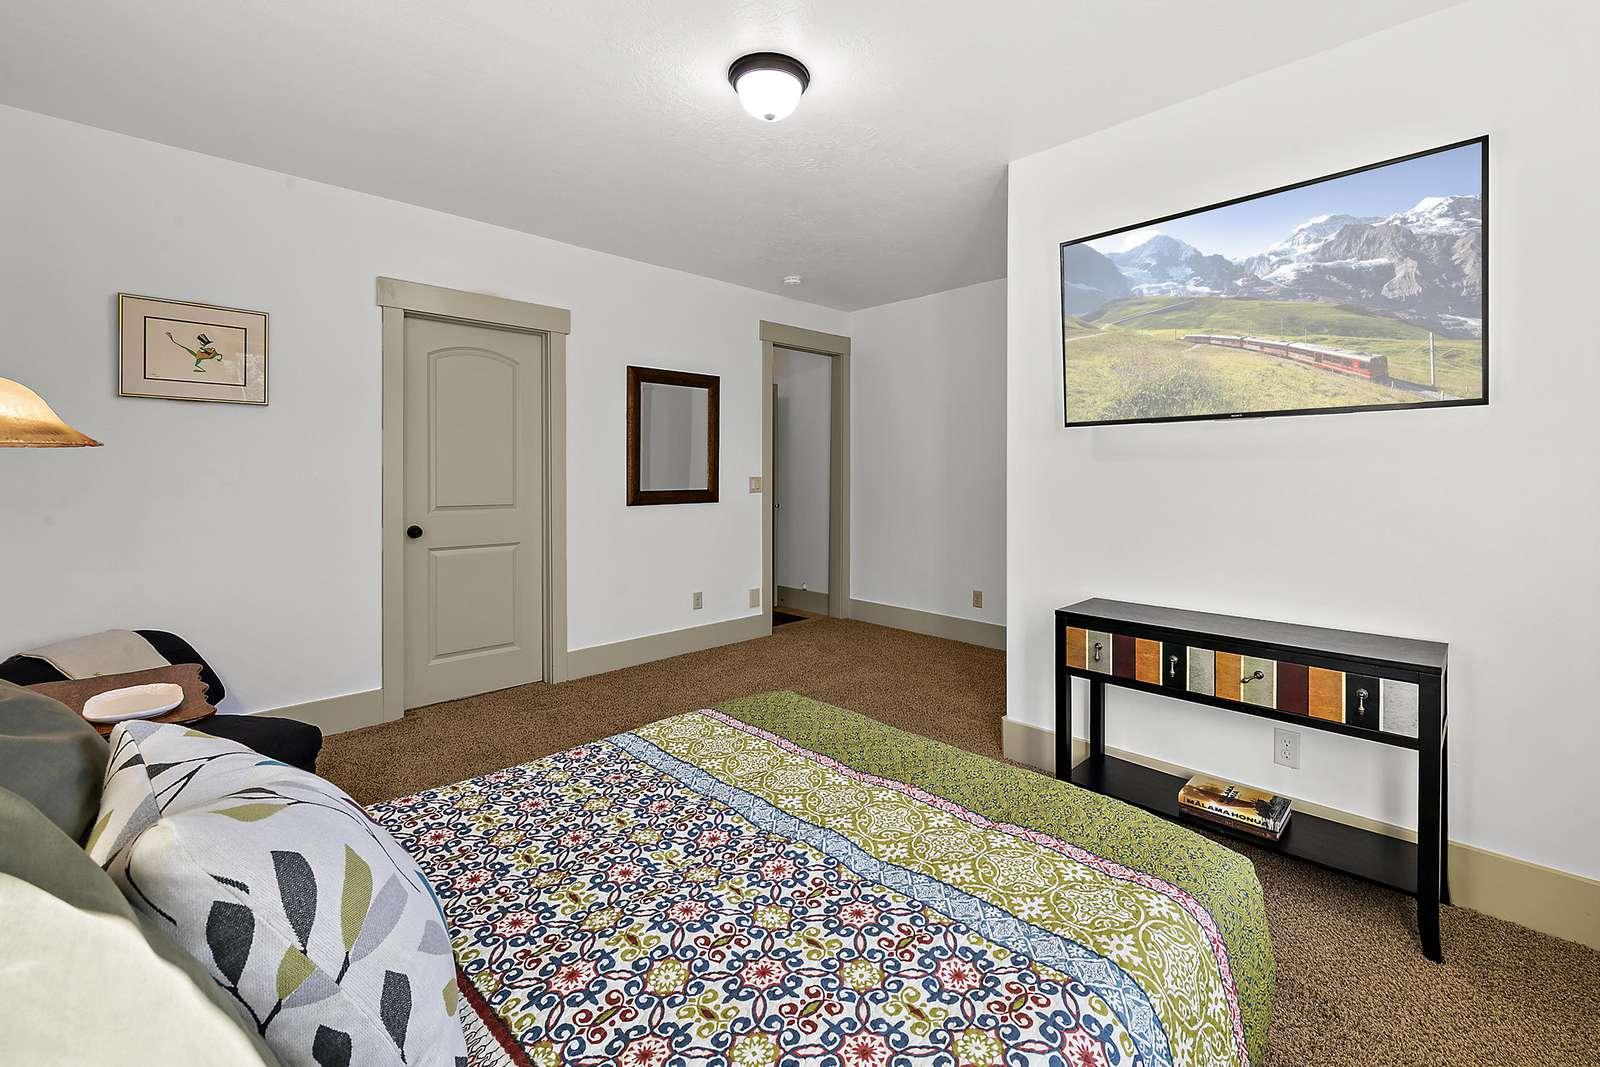 Guest bedroom features flat screen TV